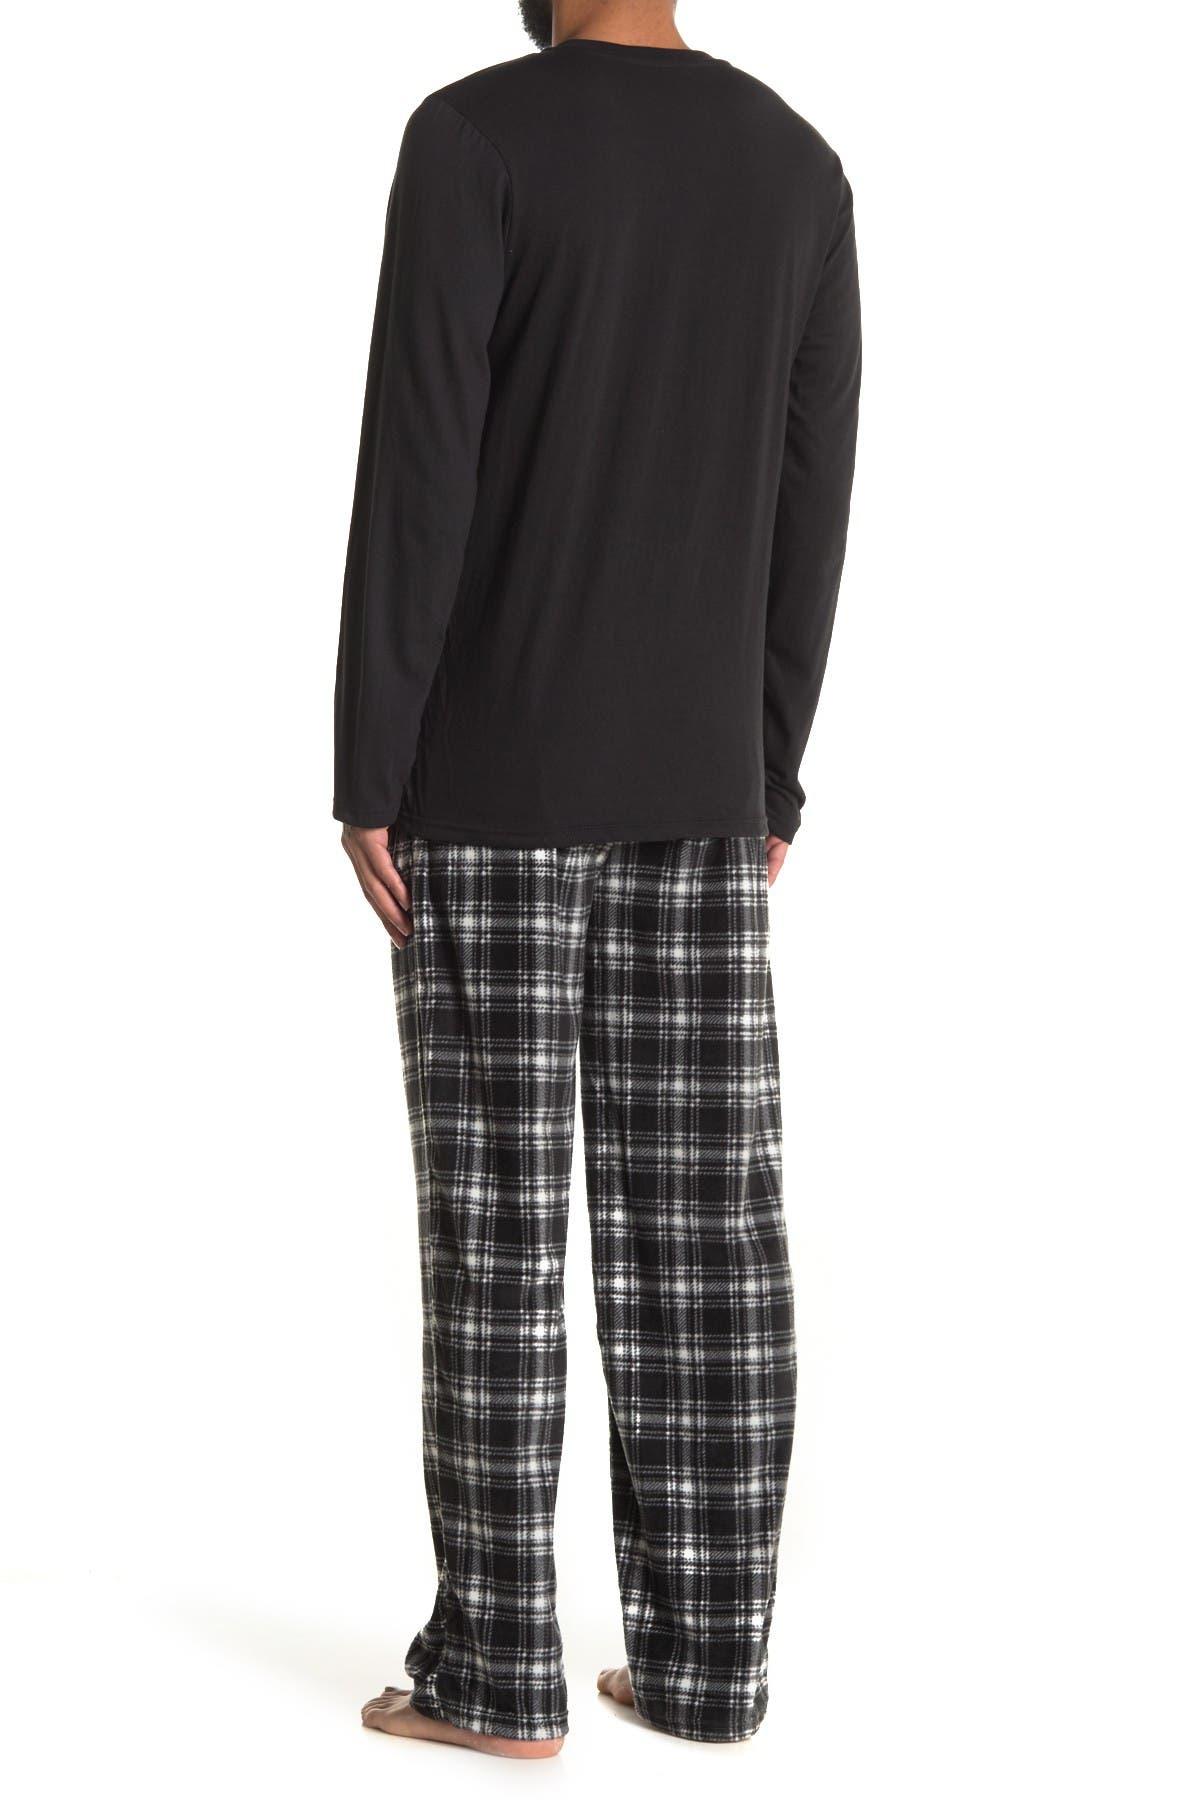 Image of Cherokee 2-Piece Pajama Set